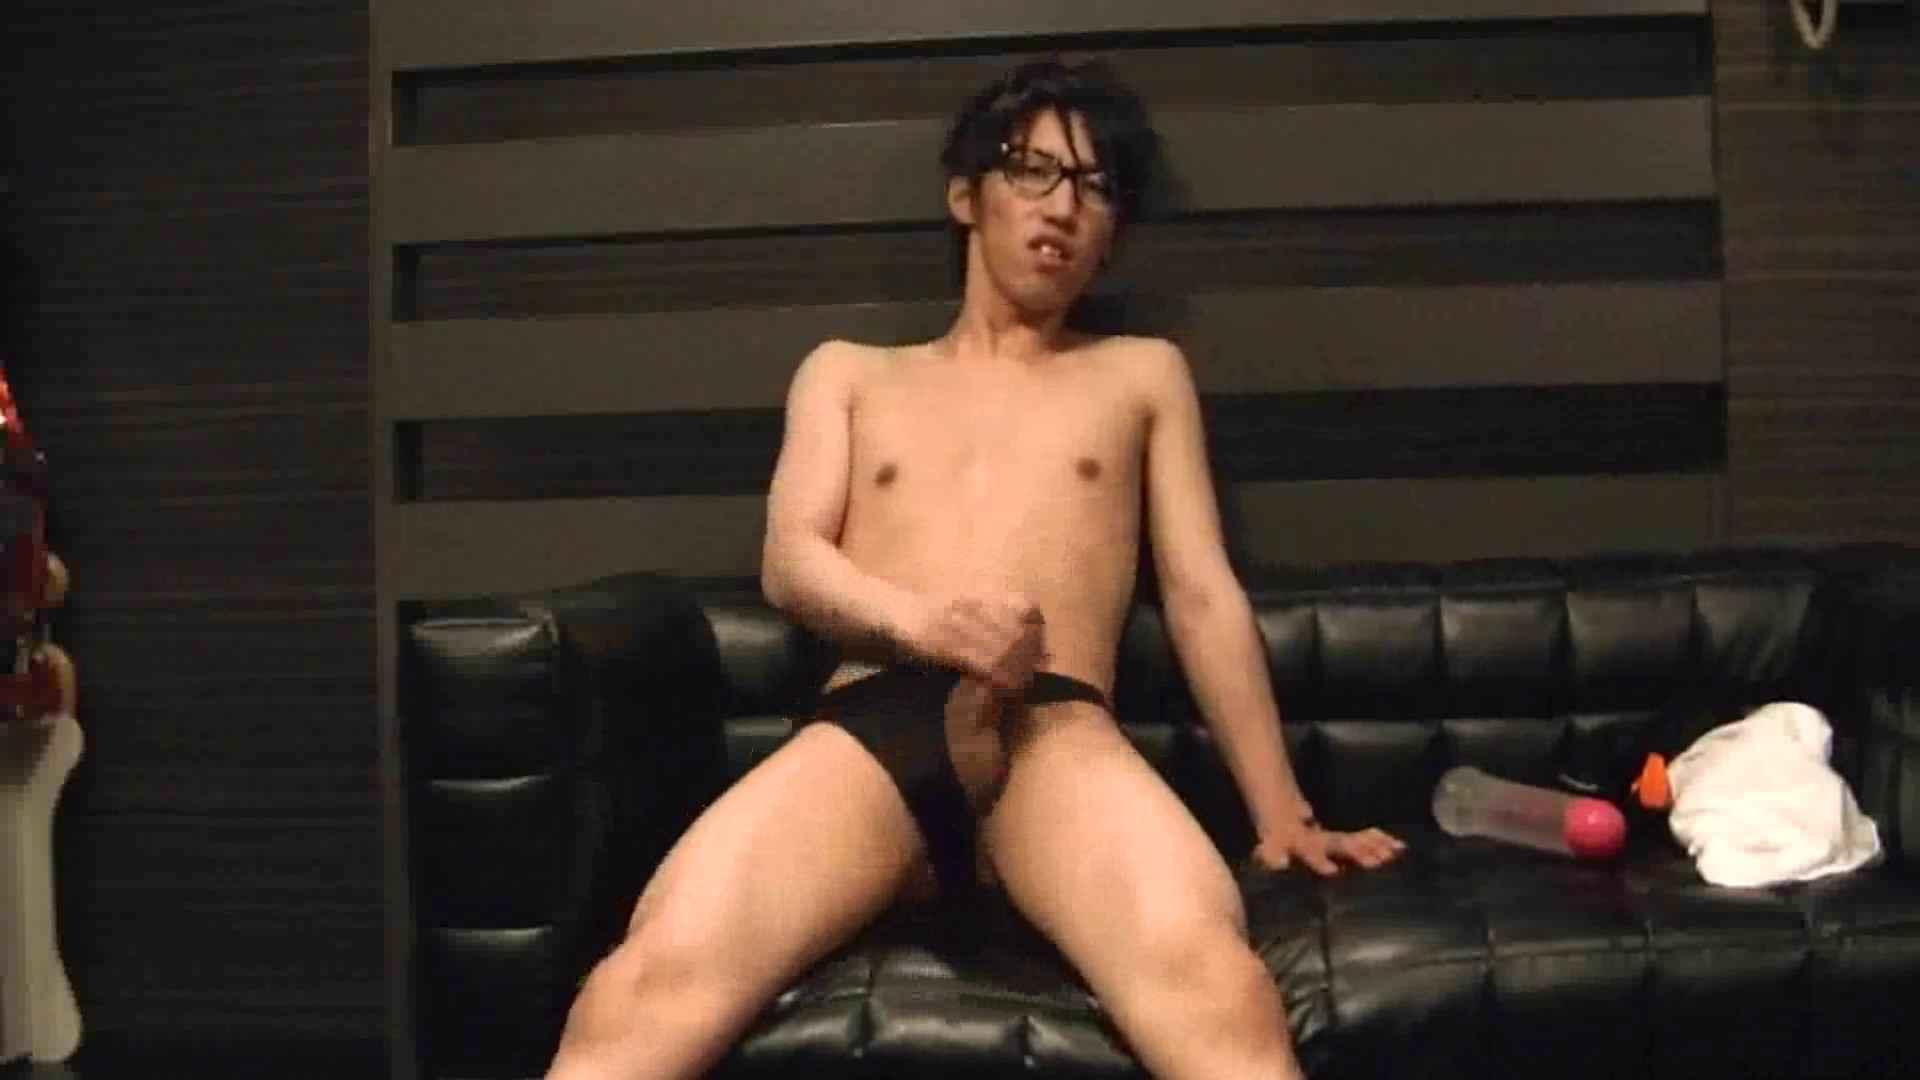 ONA見せカーニバル!! Vol3 男の世界 | オナニー専門男子  98画像 97